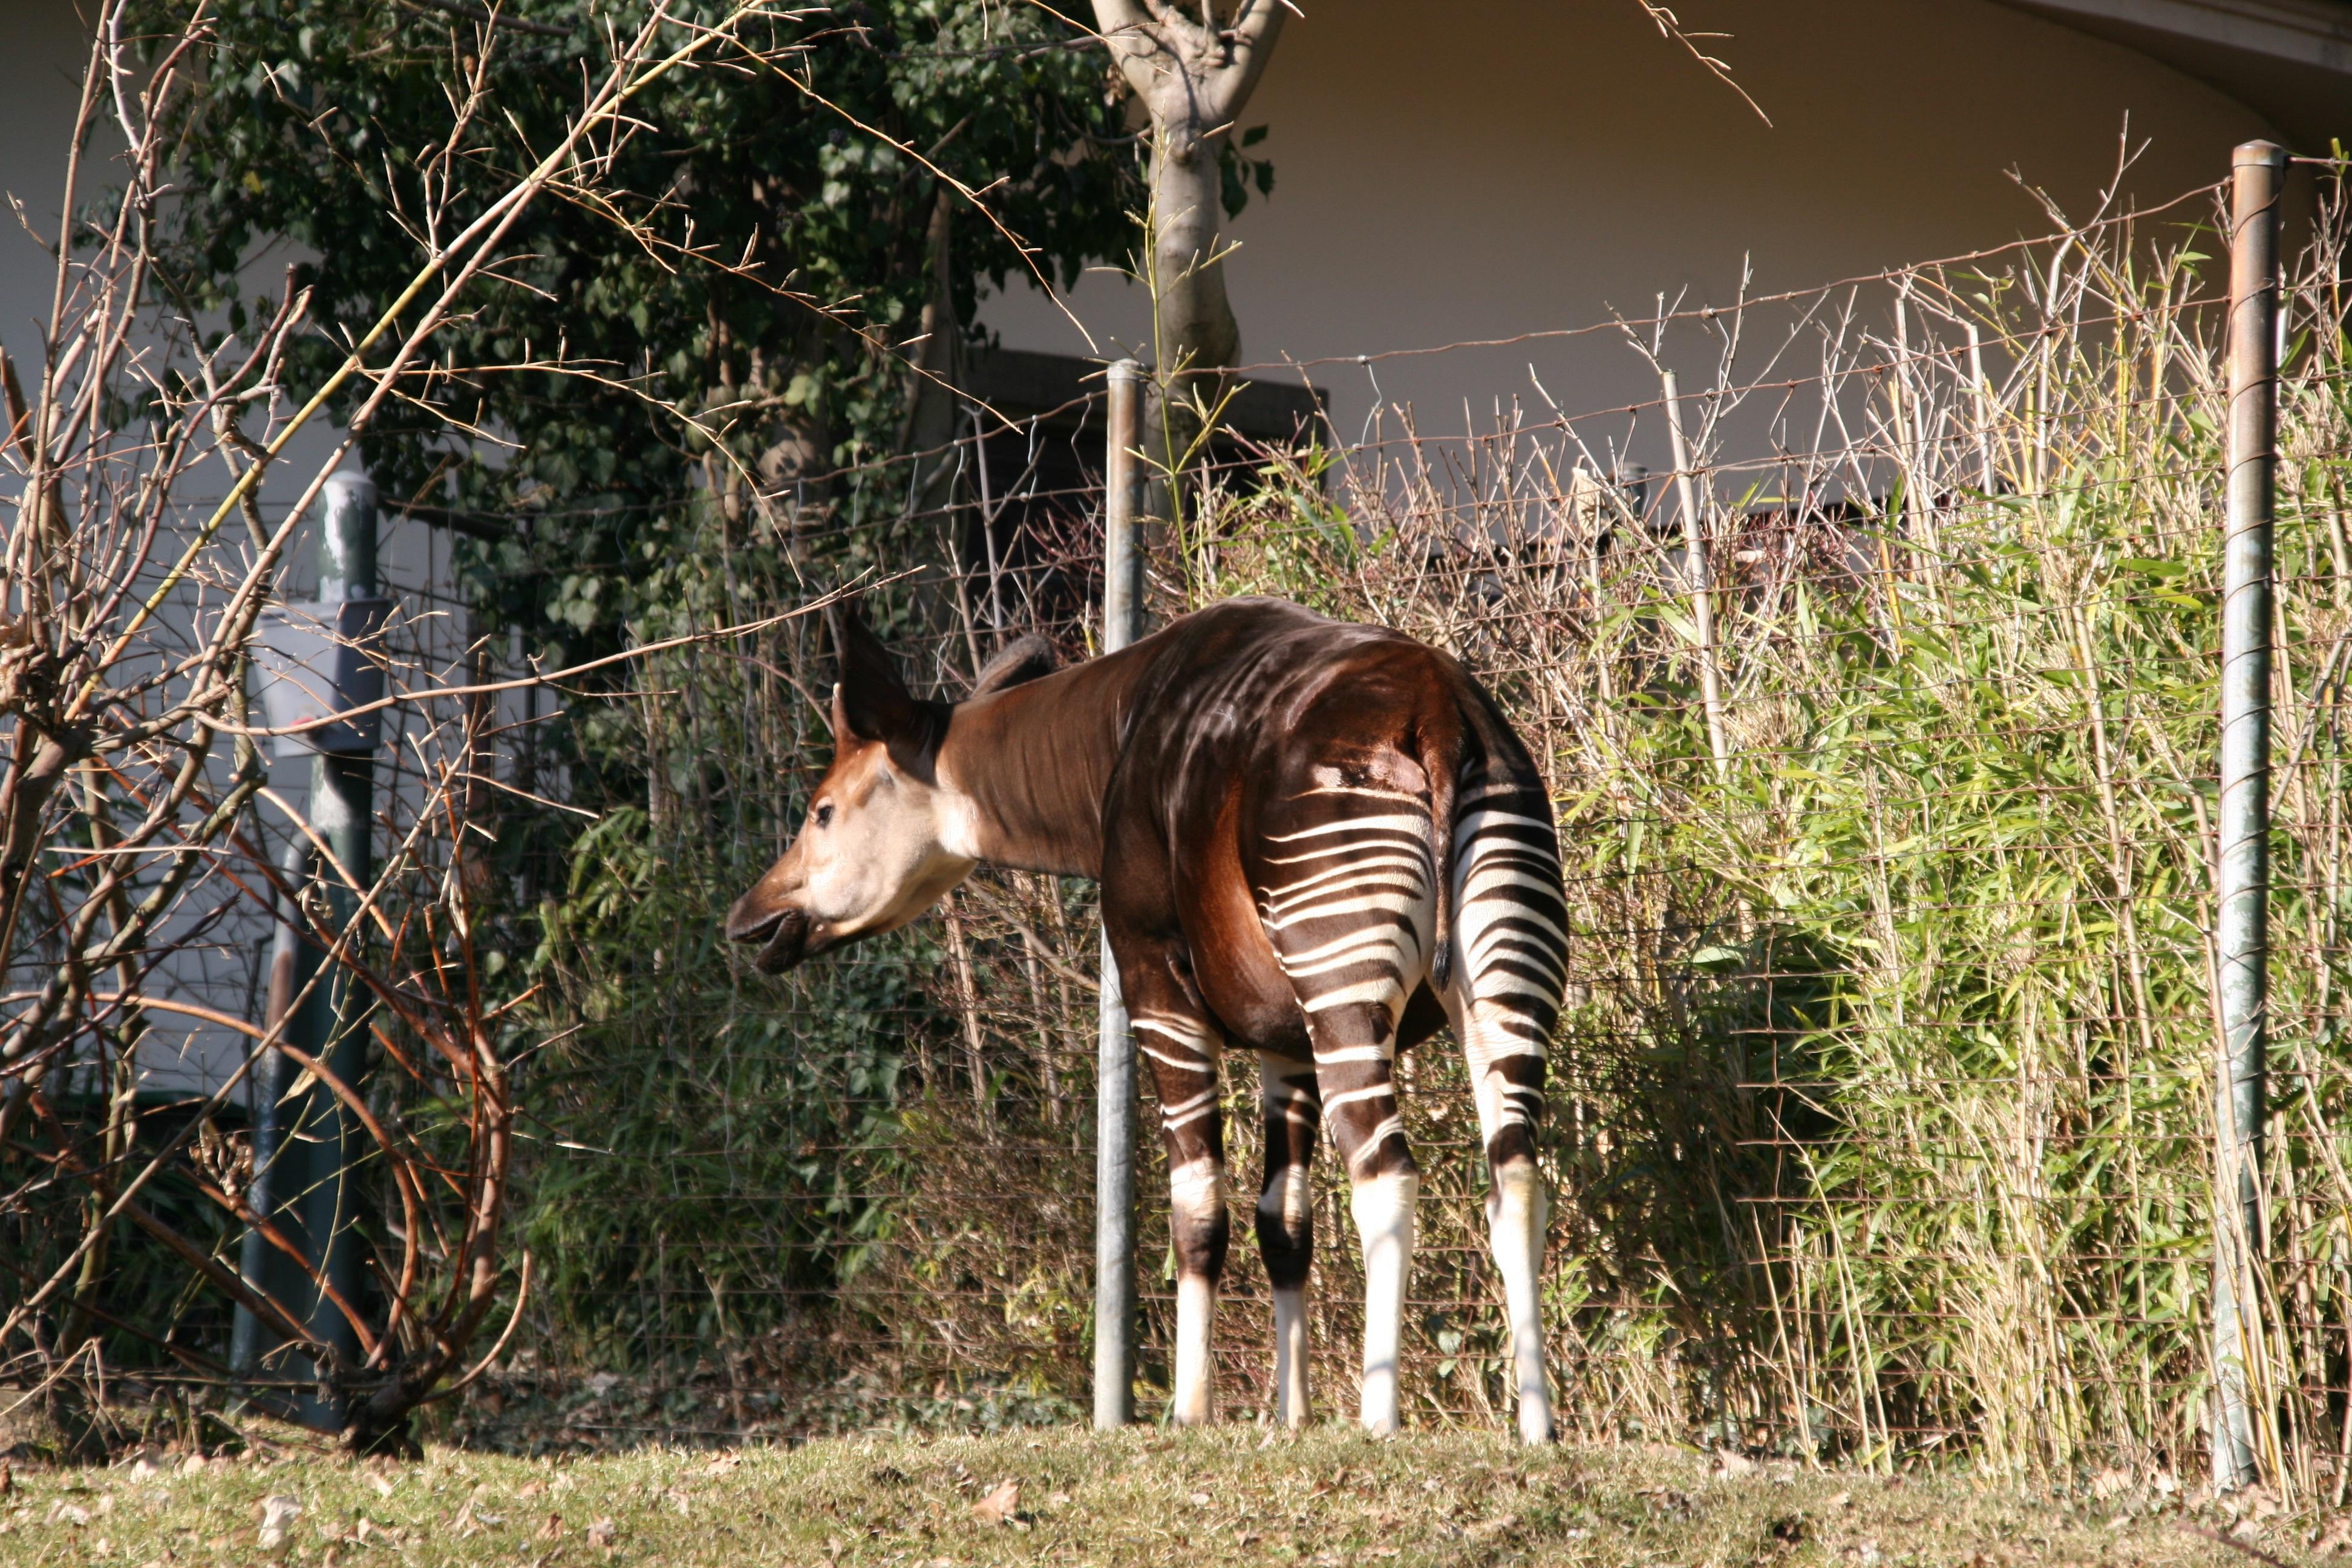 6100 Gambar Hewan Okapi Gratis Terbaru